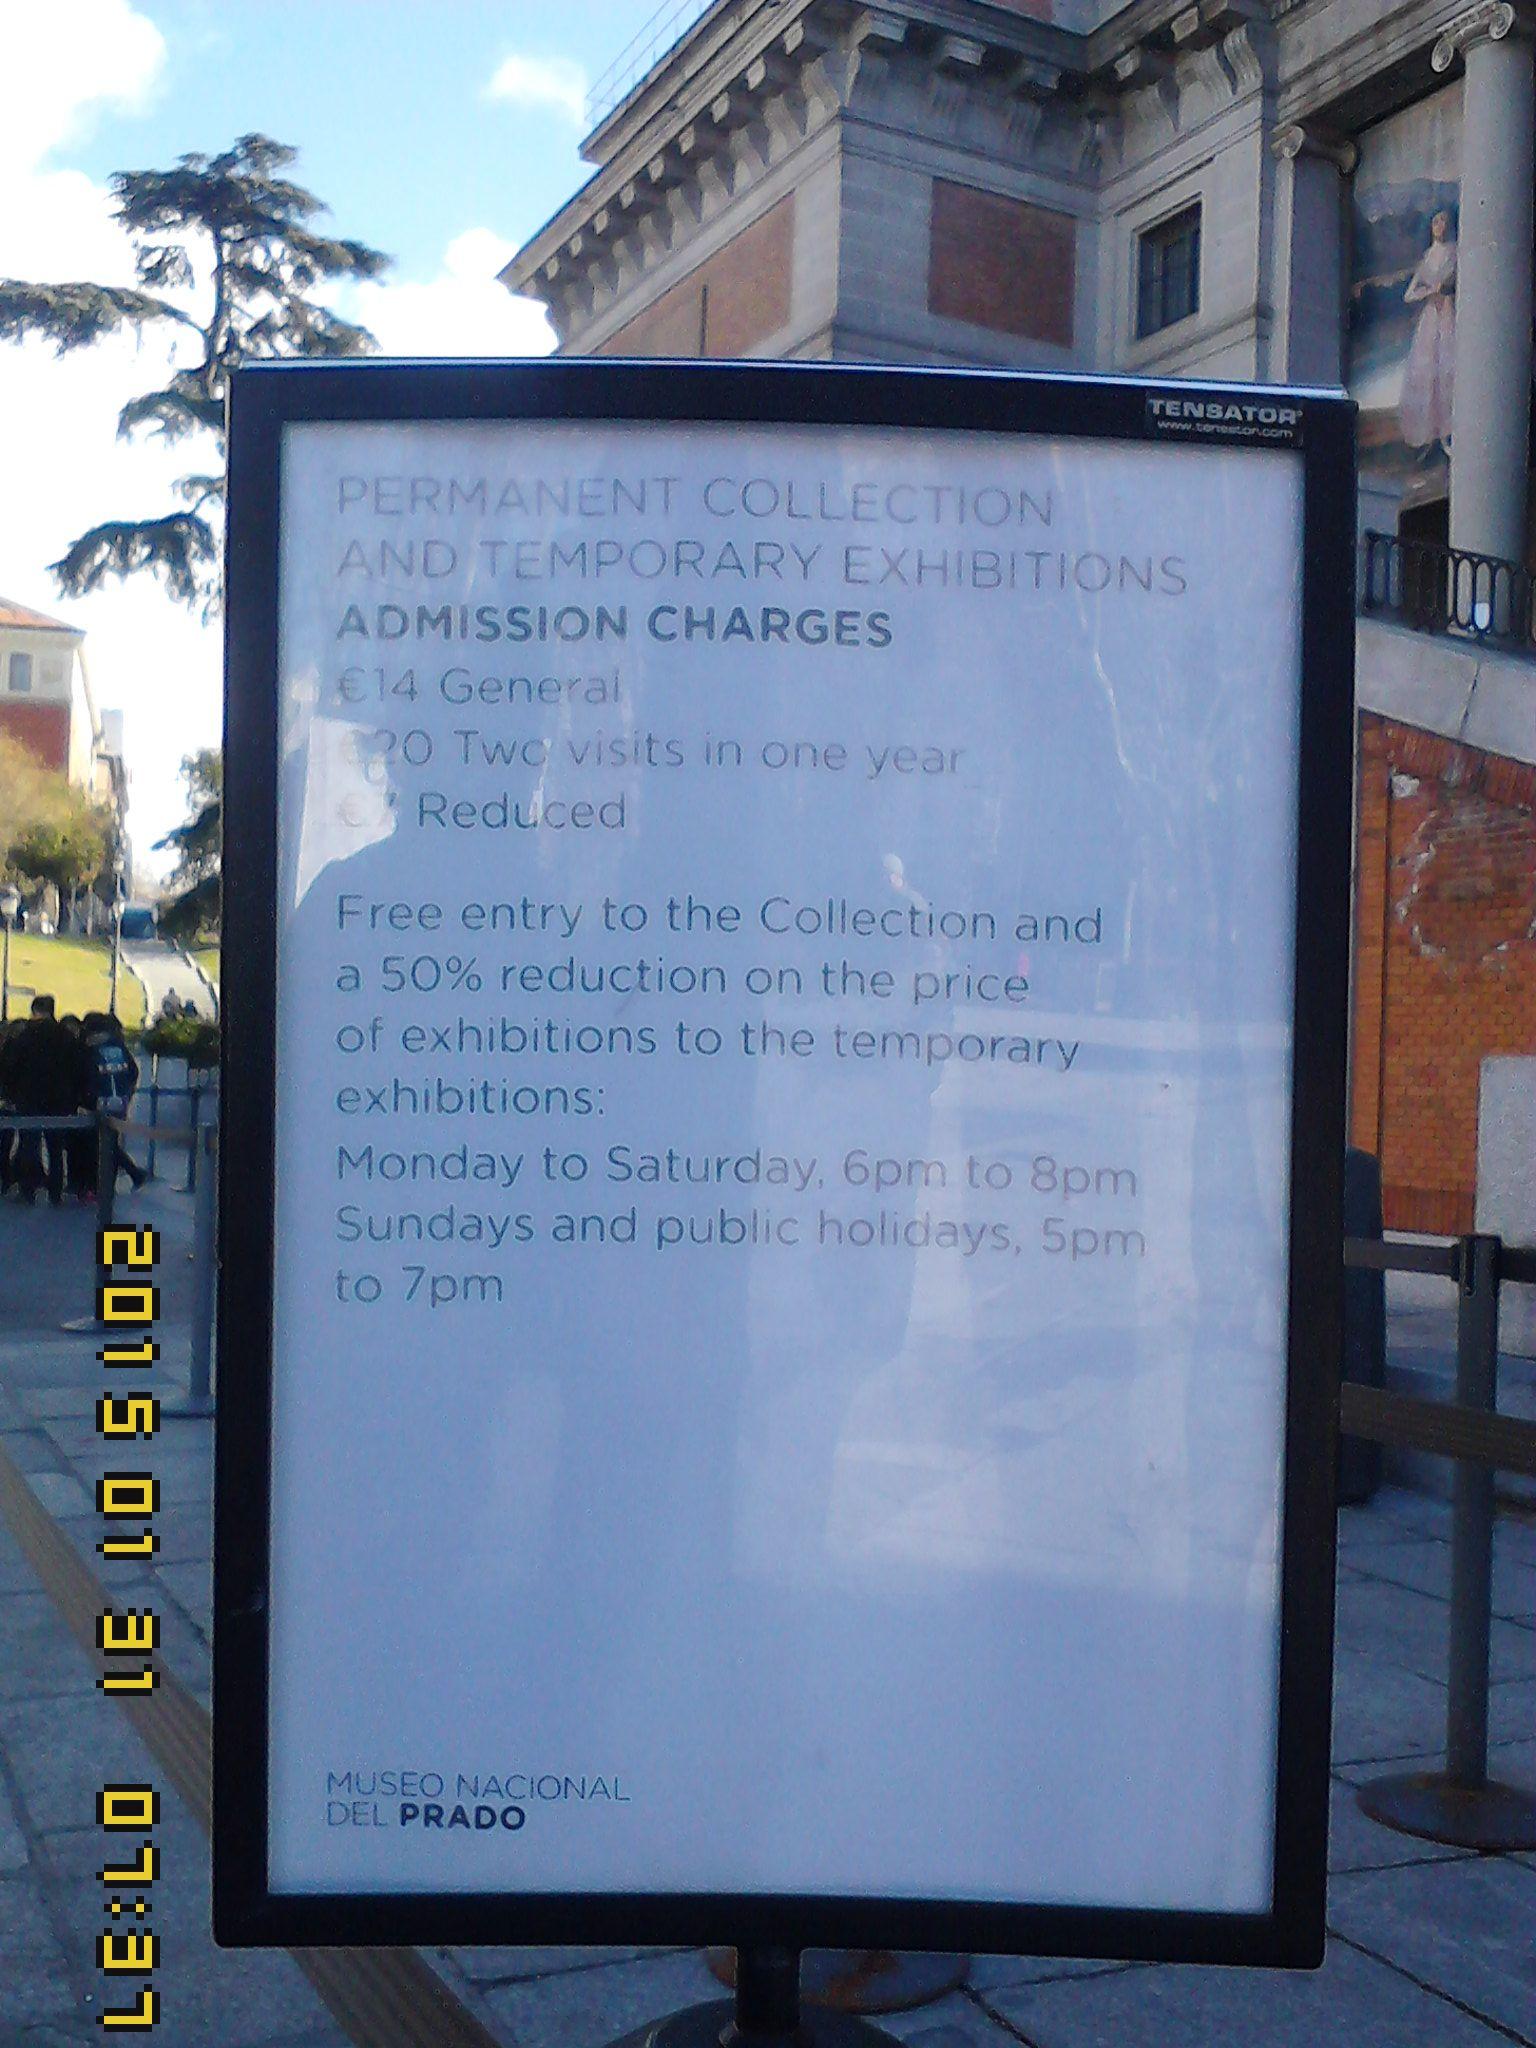 Letreros claros y precisos en todos los sitios que permiten al turista informado.